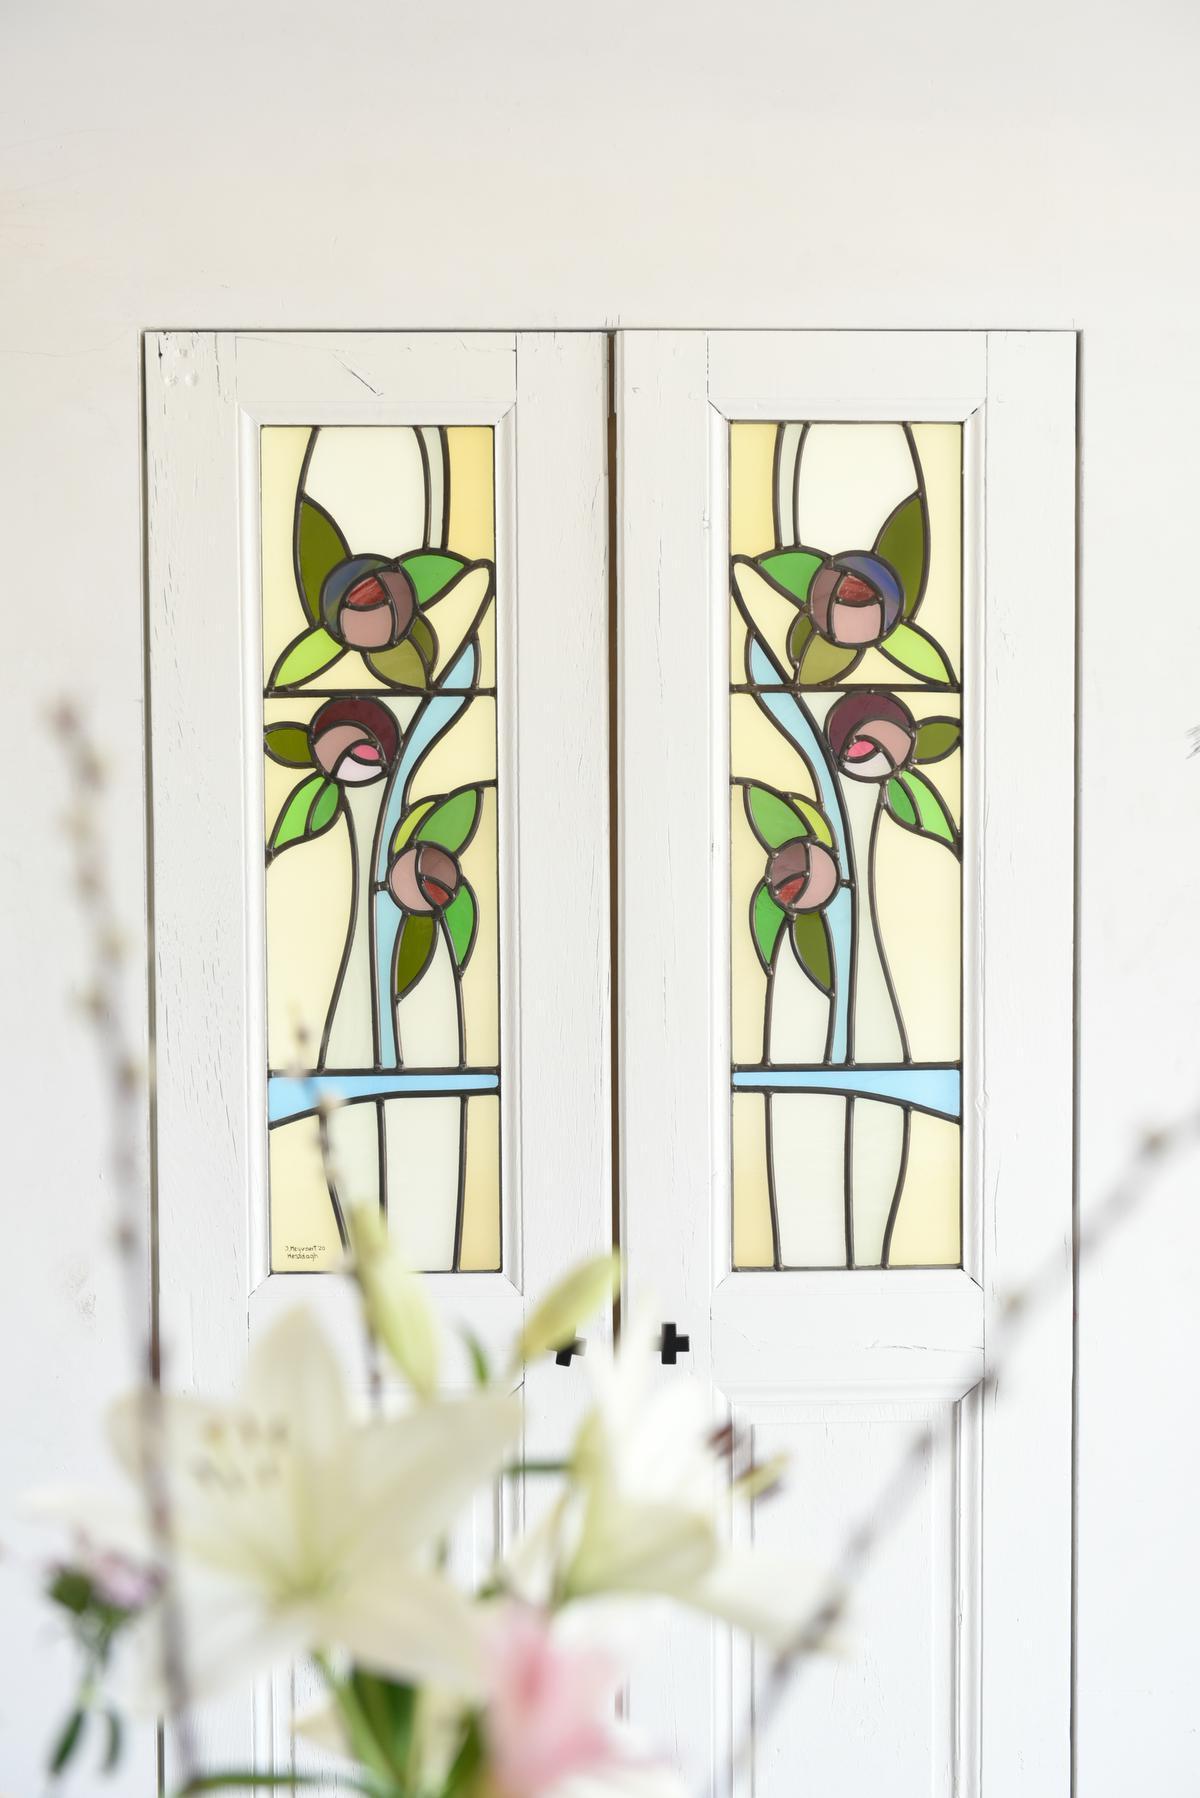 Het glas in lood in de voordeur en de kastdeuren is een eigen ontwerp van Nathalie.